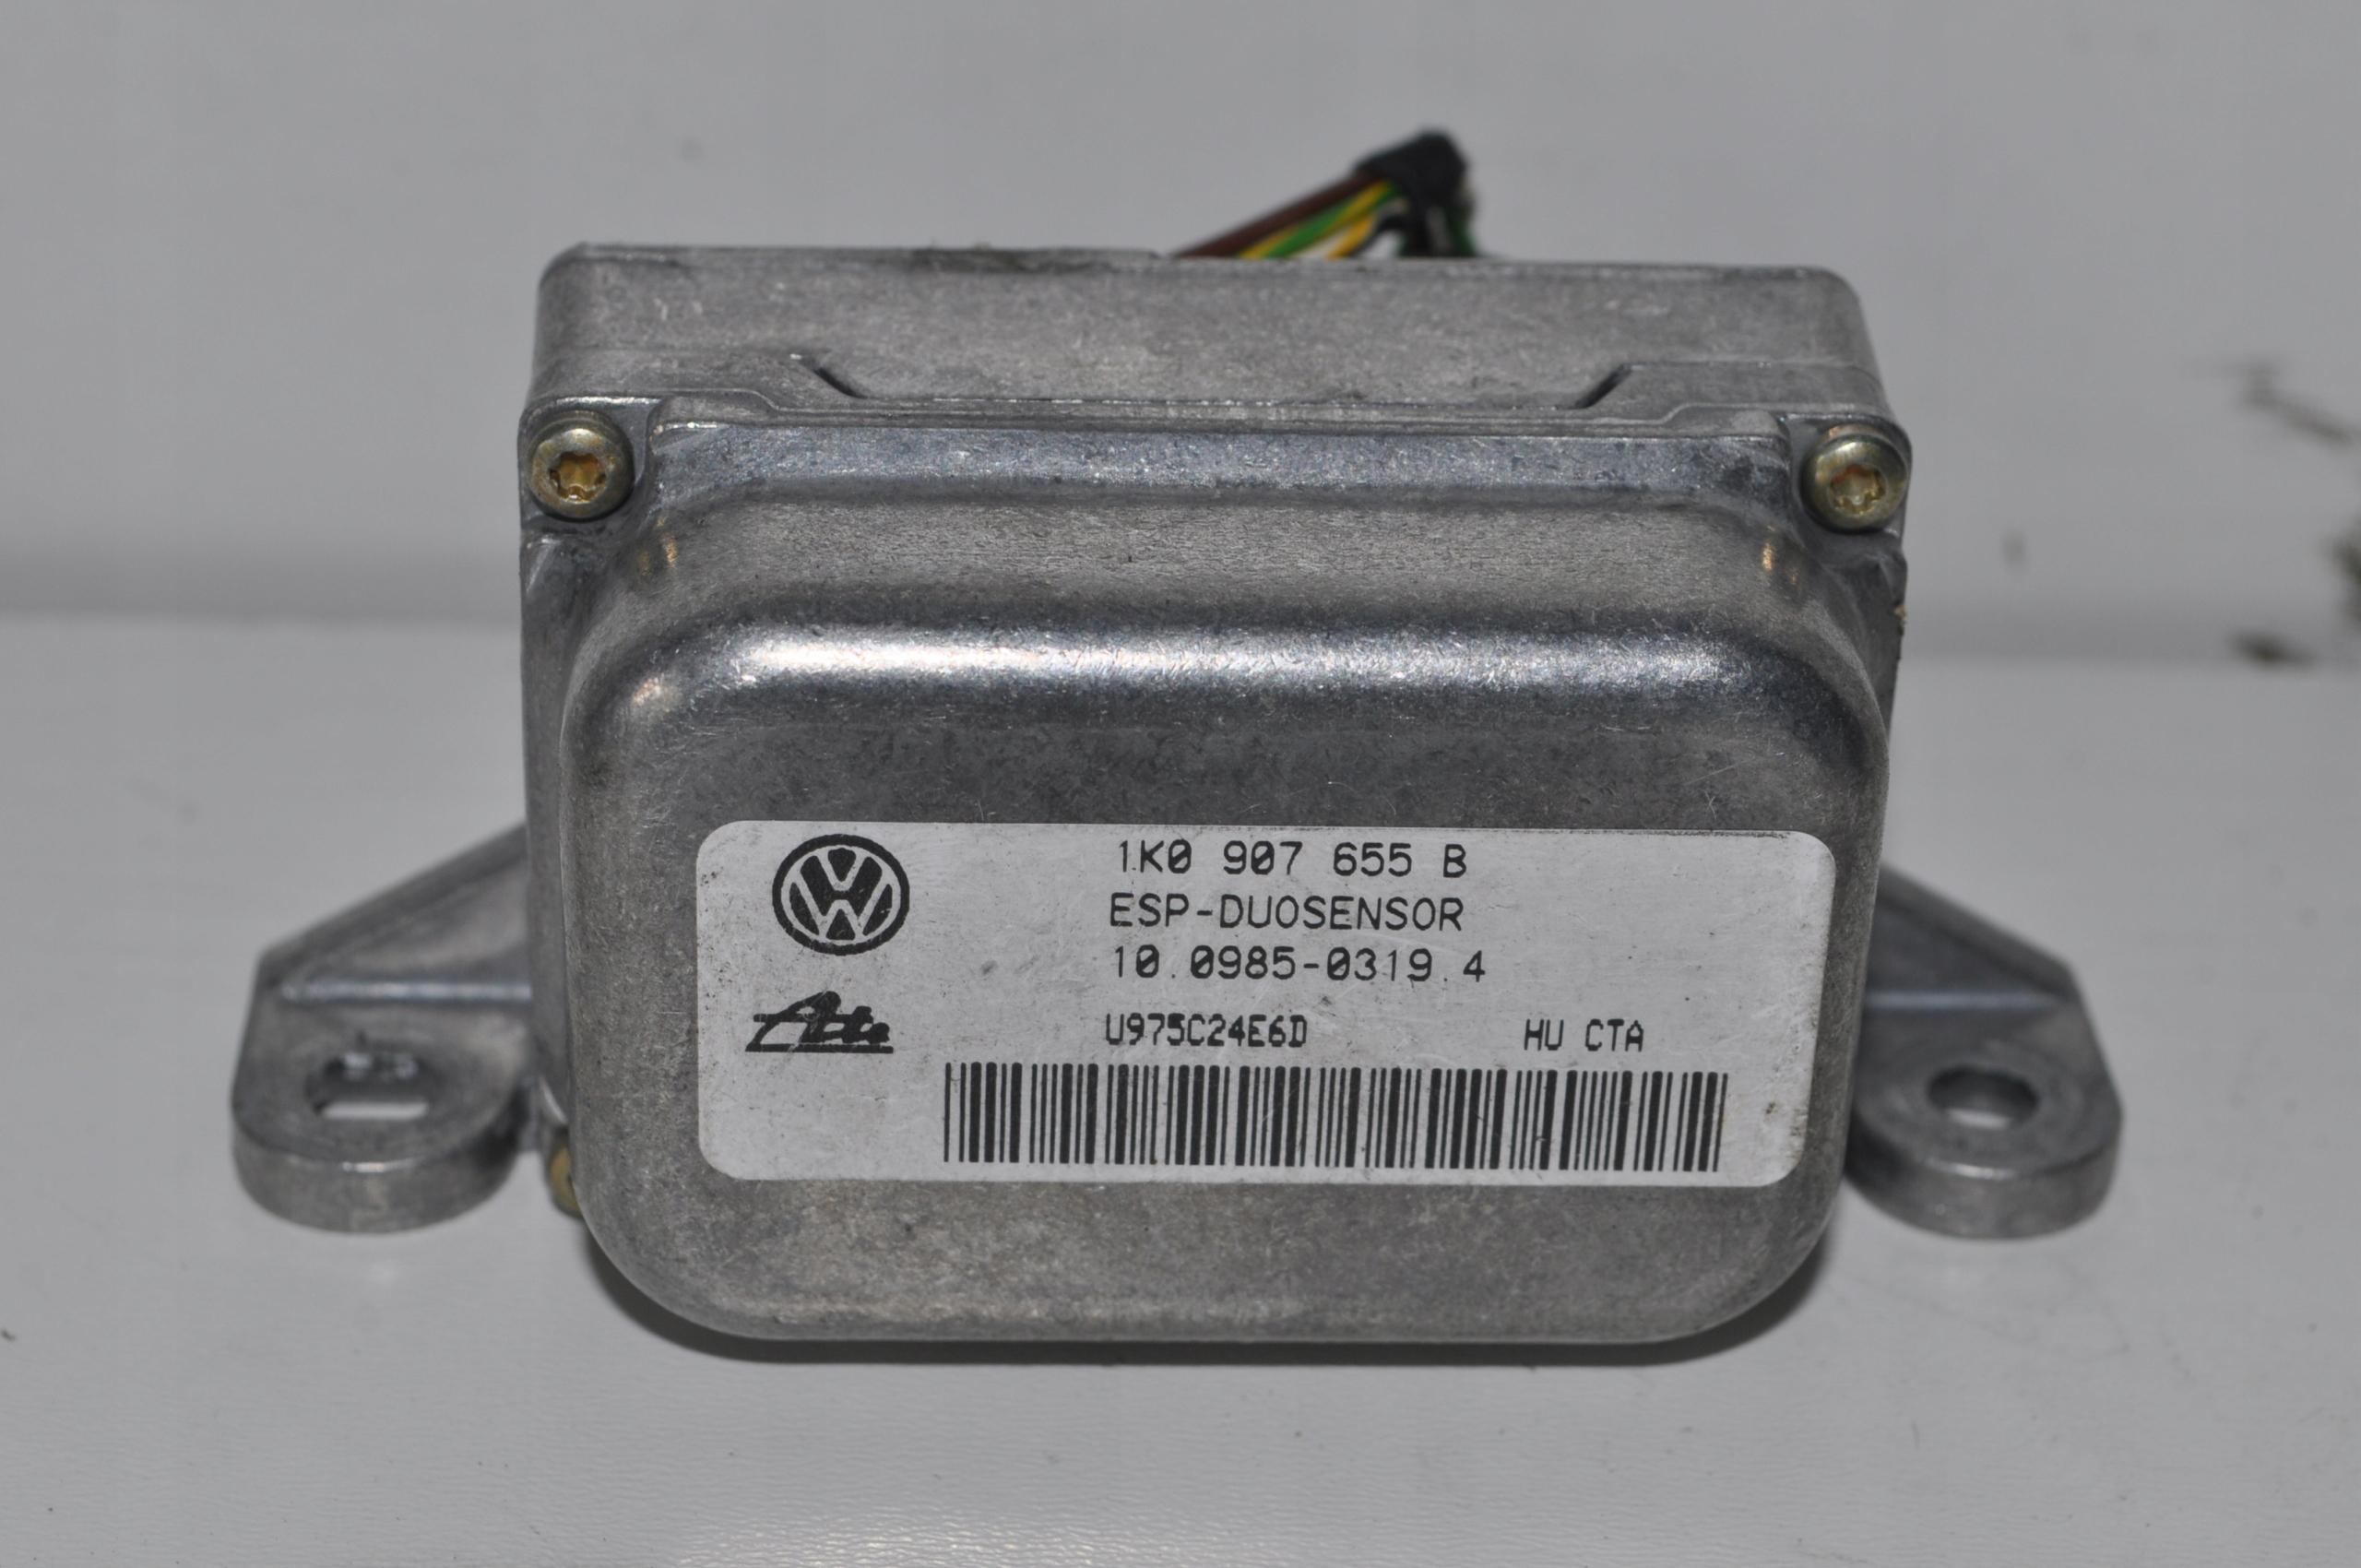 сенсор модуль датчик esp audi vw гольф v 1k0907655b